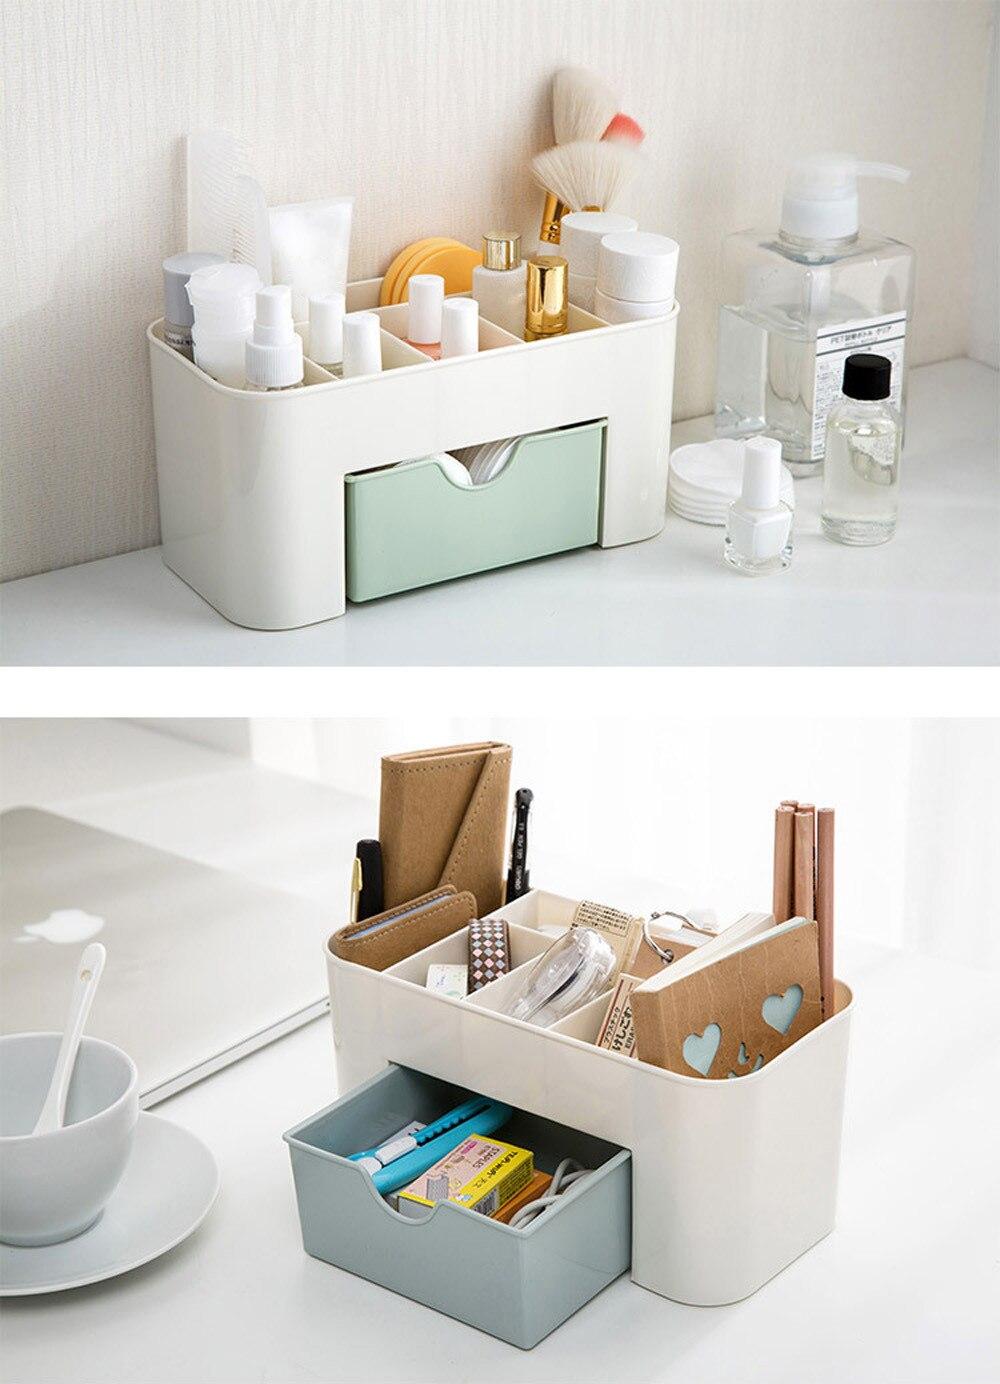 Économie despace bureau Comestics maquillage rangement tiroir Type boîte bethroom stockage maquillage boîte rangement organisateur maison organisateur